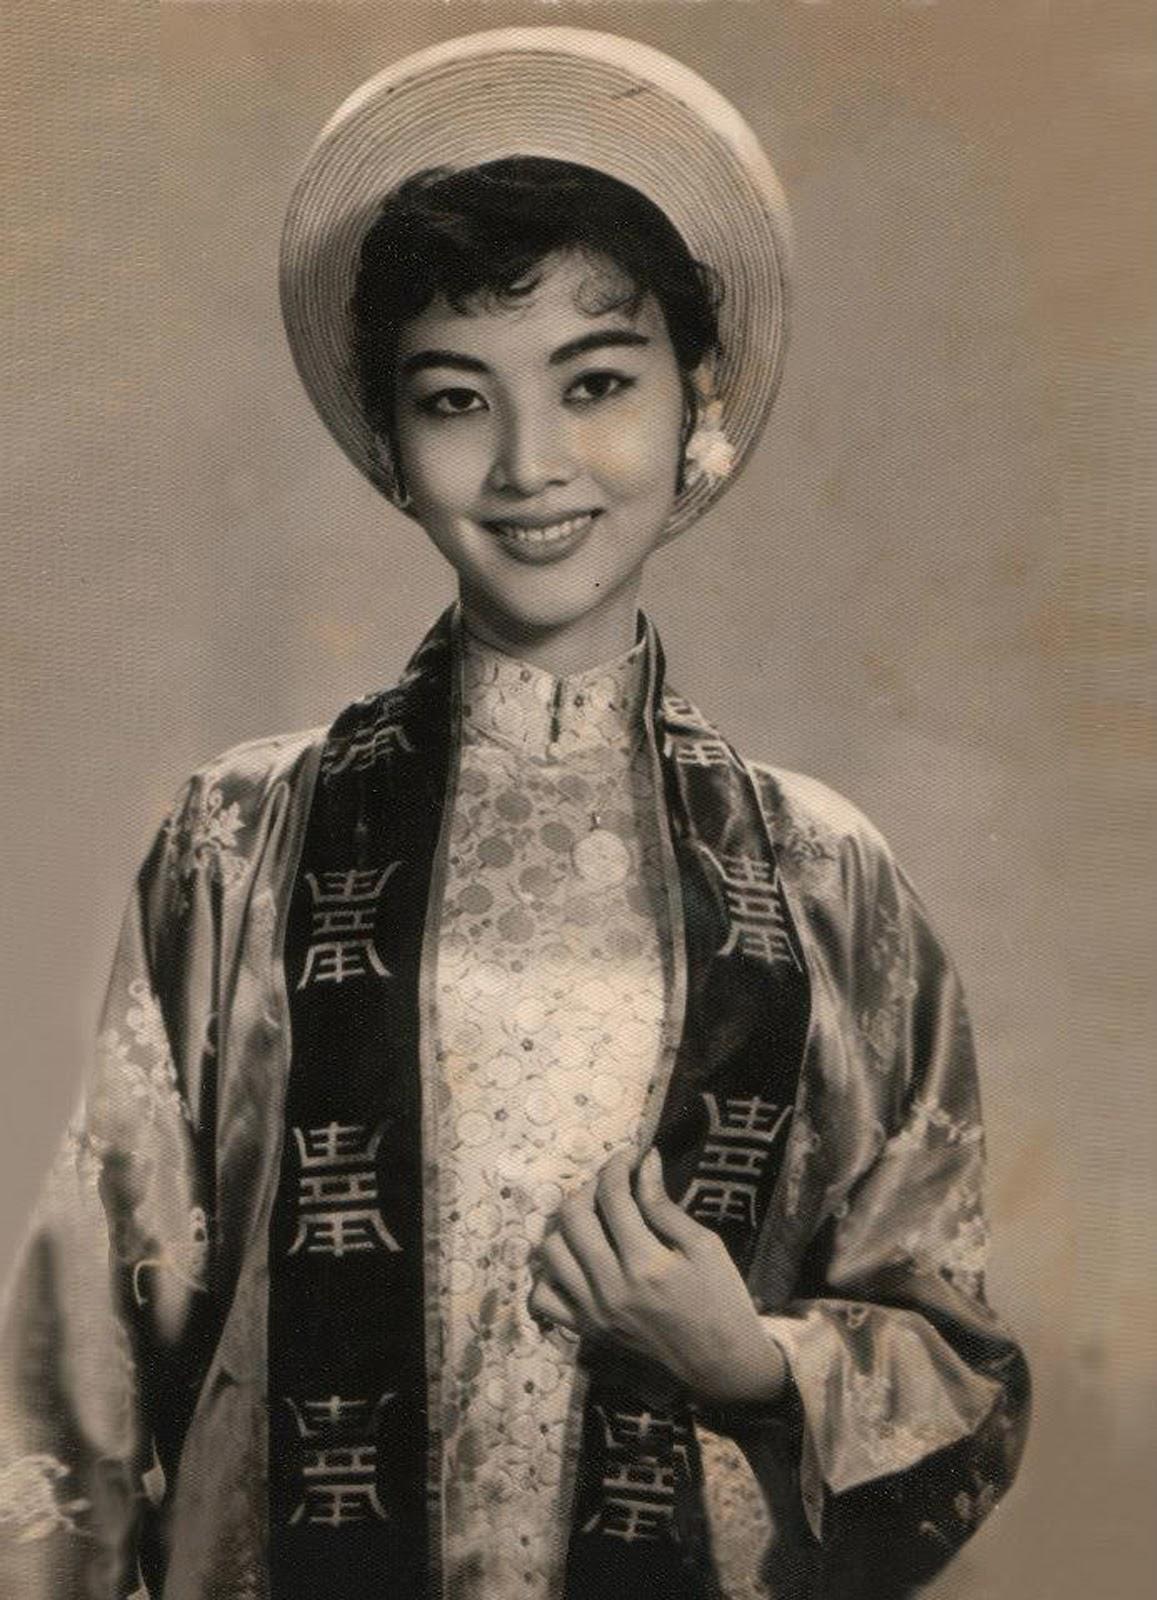 Phim Điện Ảnh Sài Gòn trước năm 1975 kỳ 1